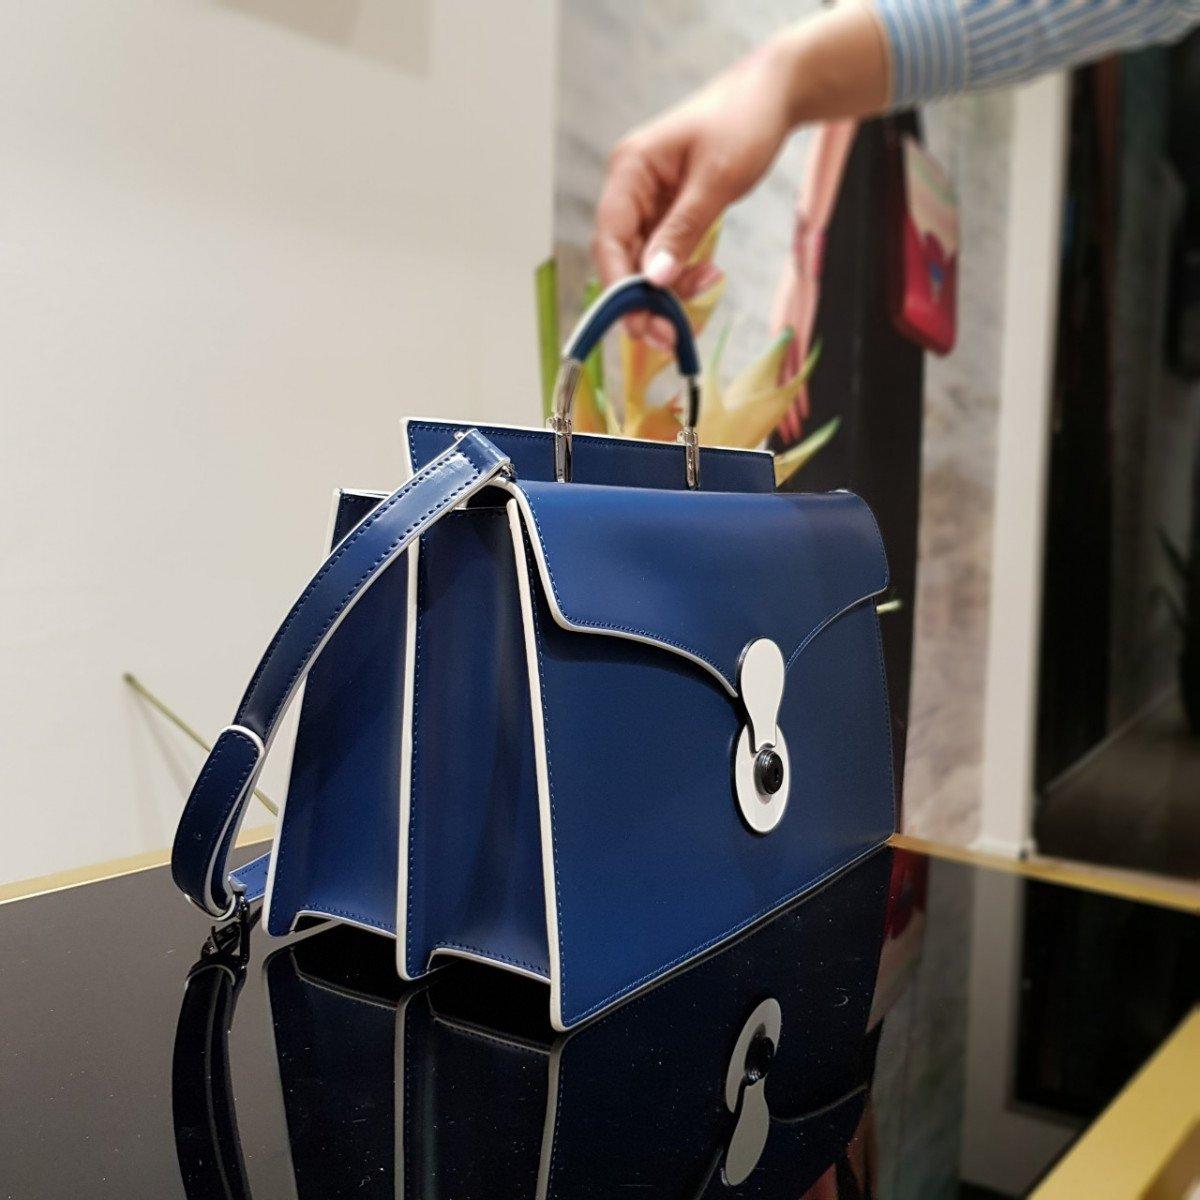 Женская кожаная сумка Tosca Blu TS19RB370 blue из натуральной кожи